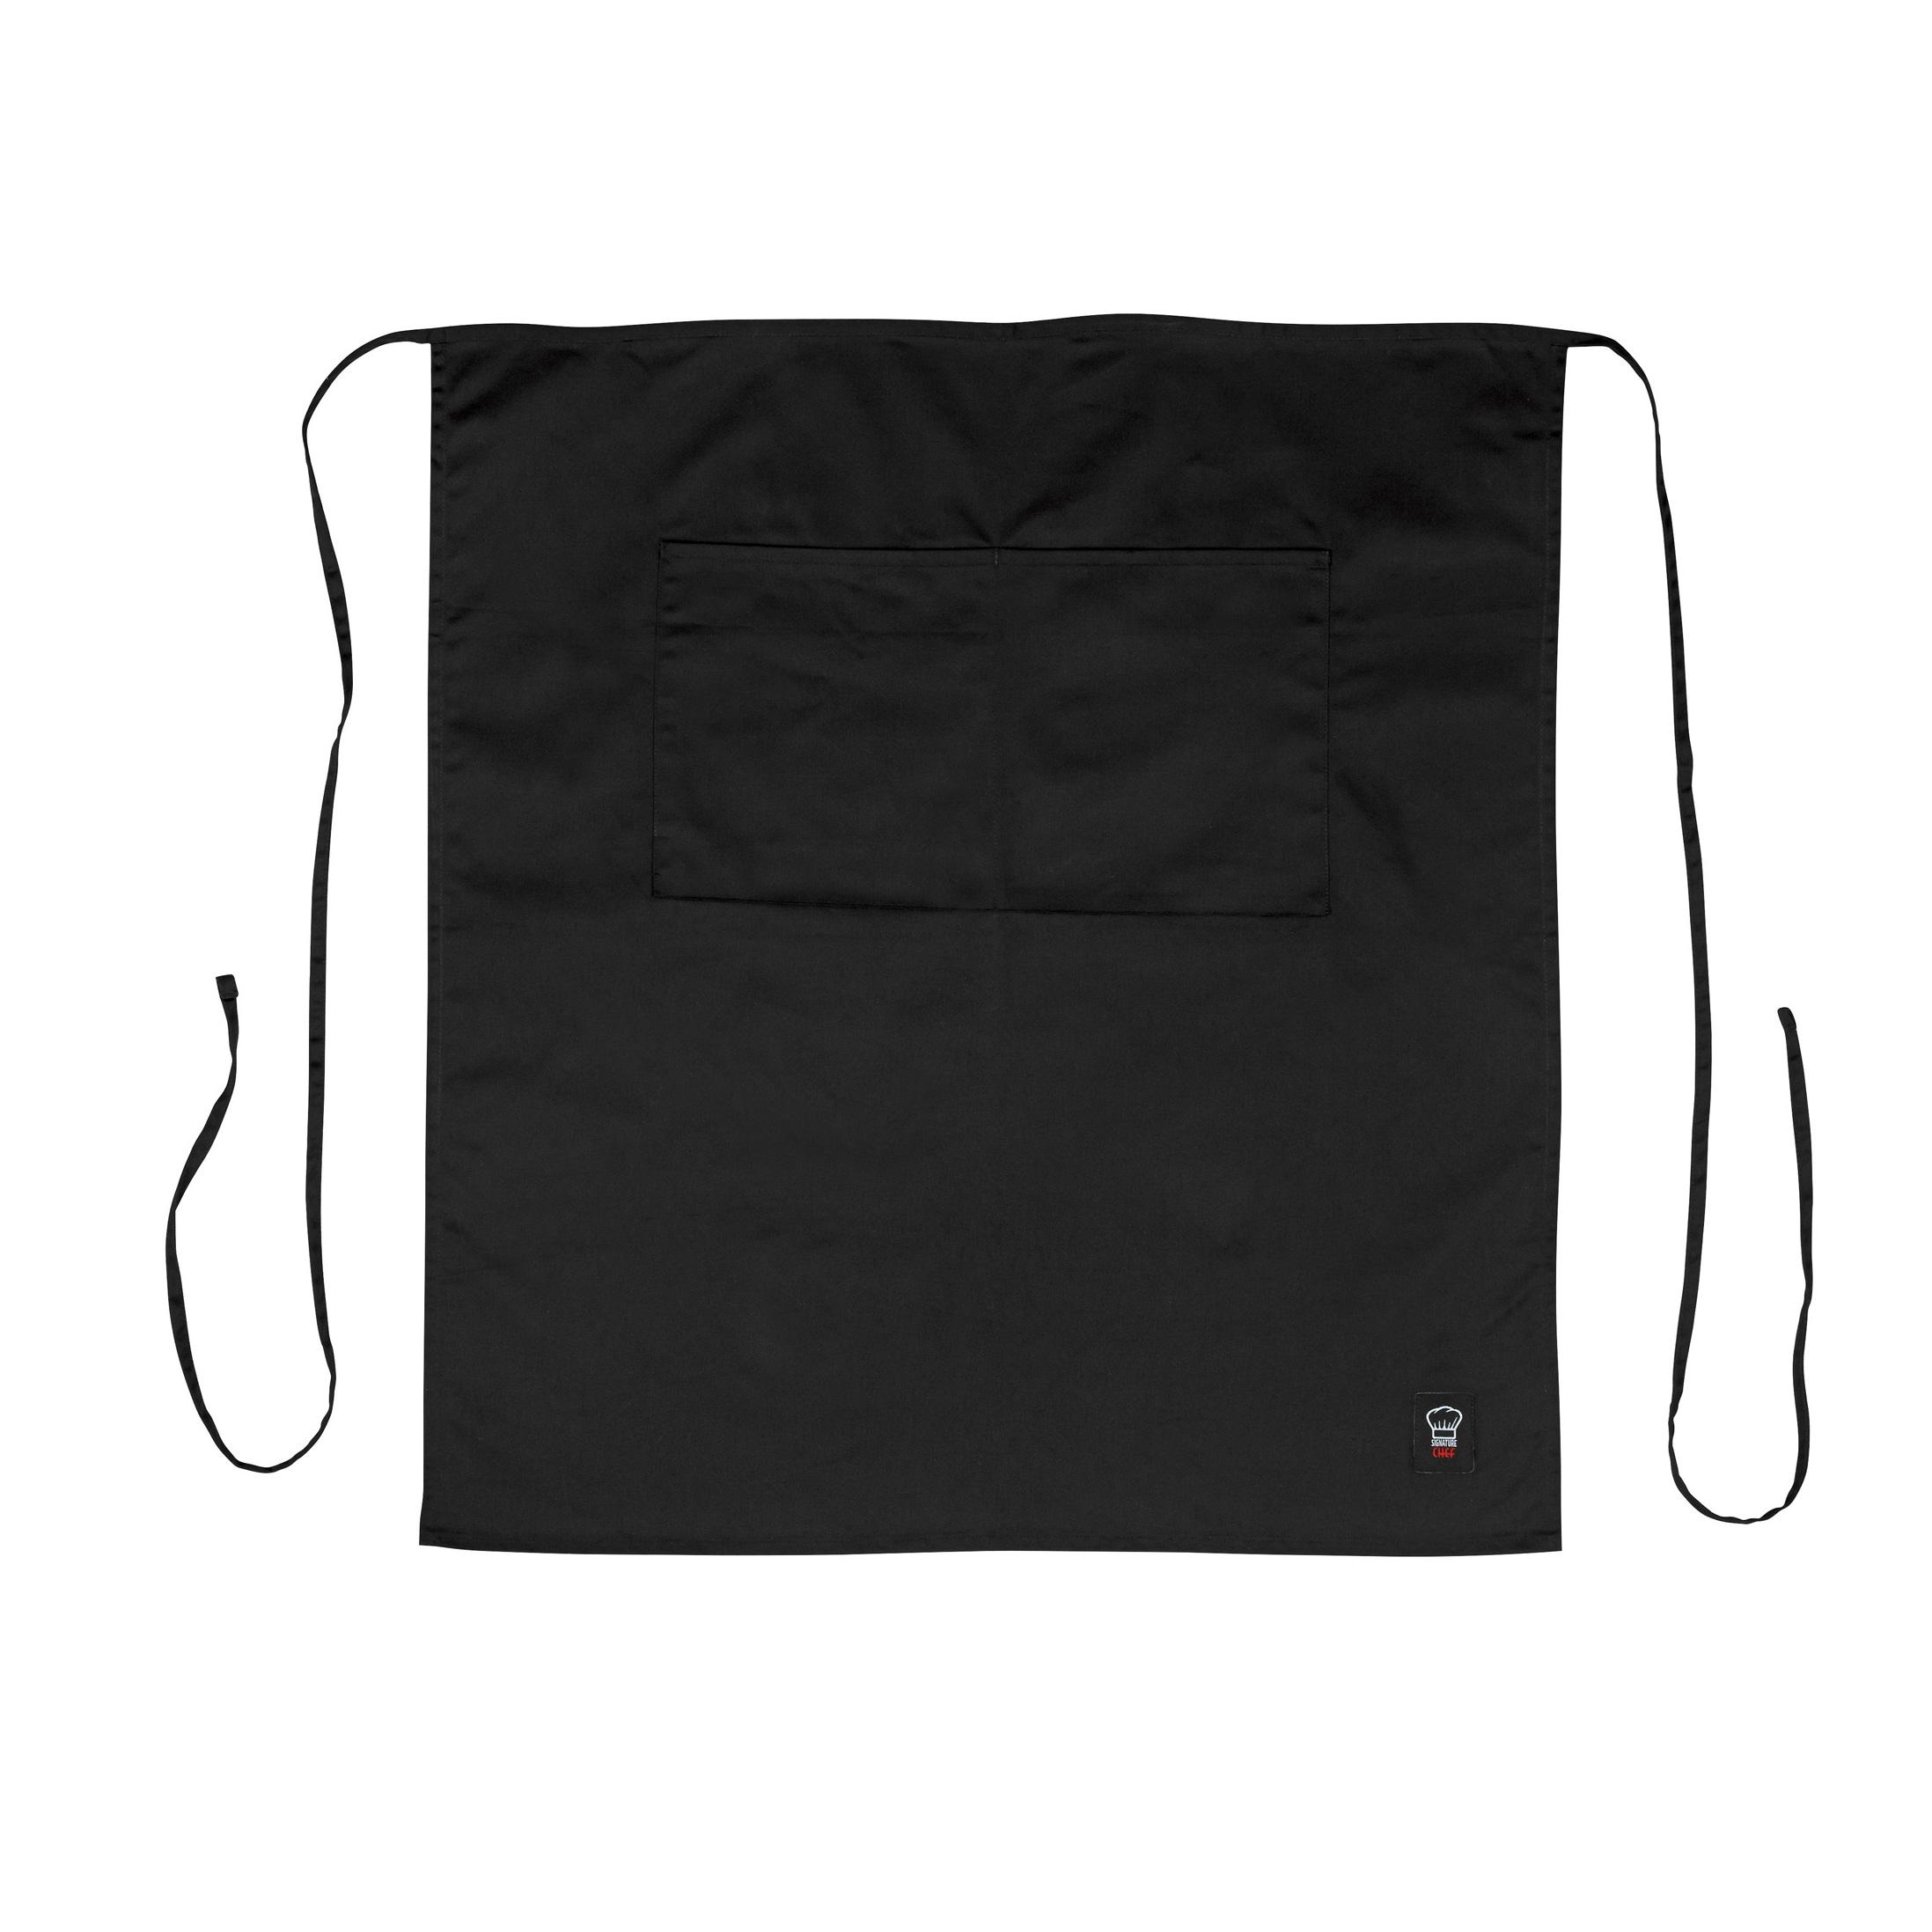 Winco WA-3129BK waist apron